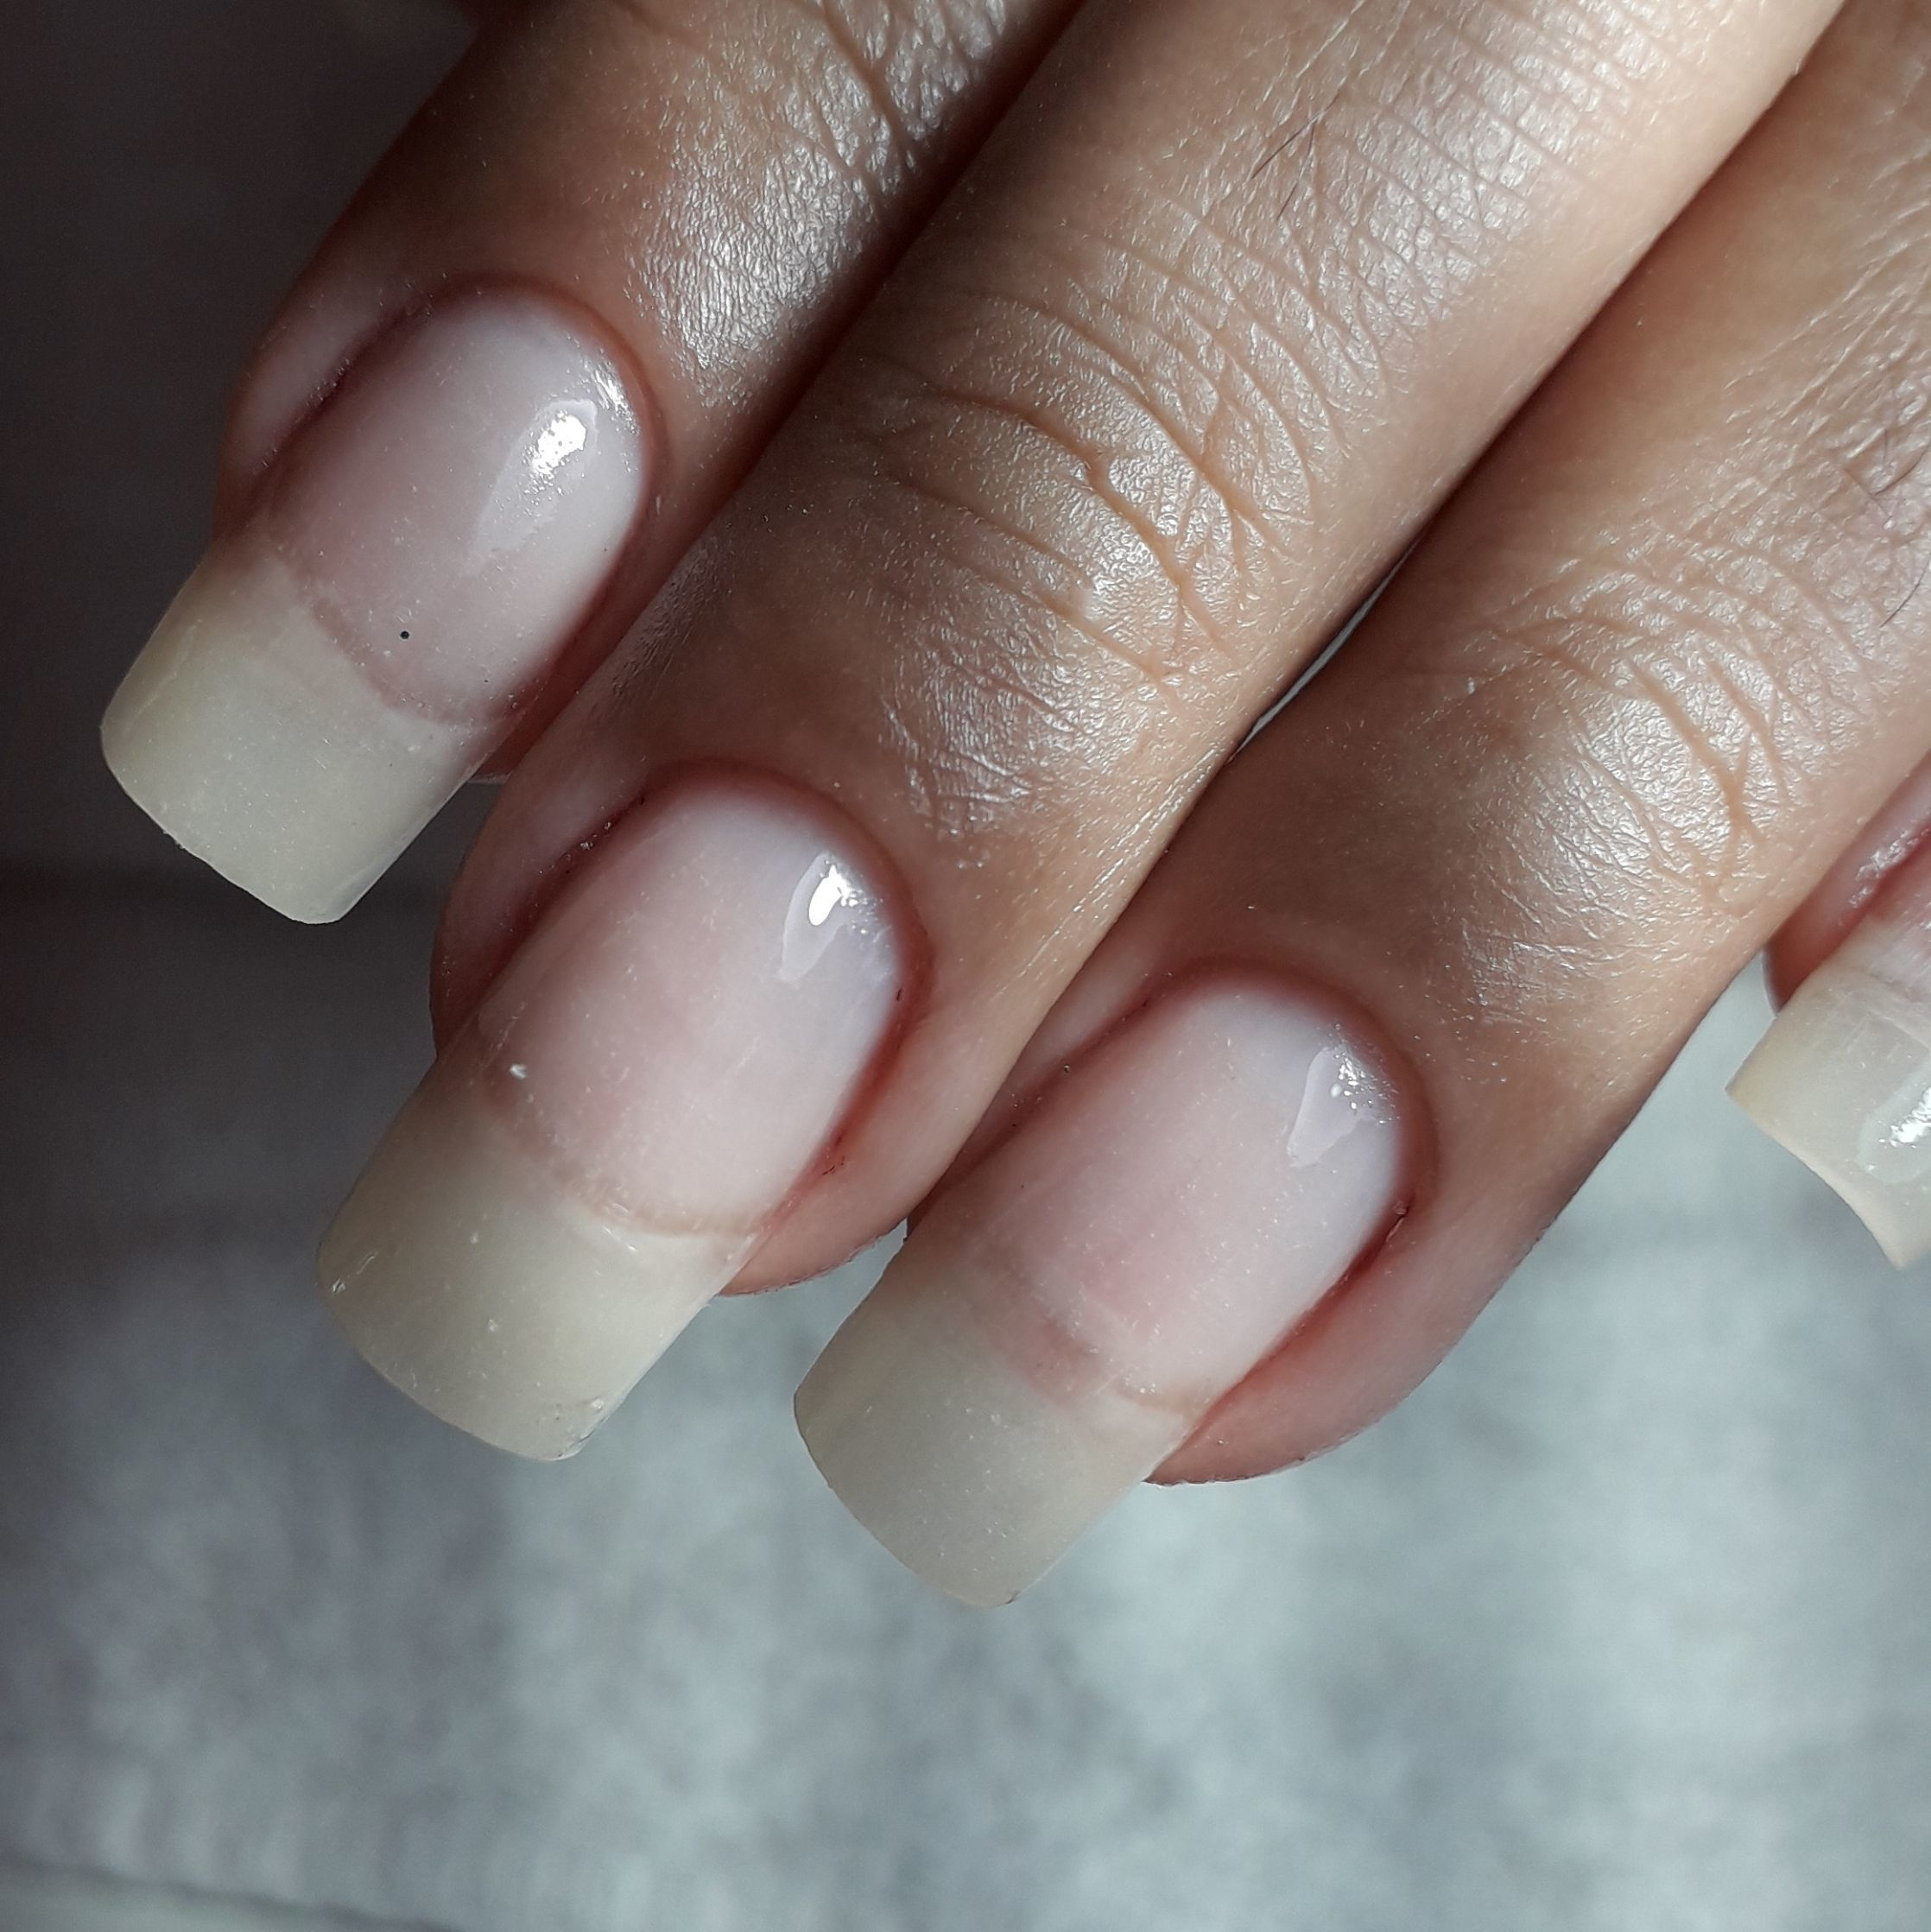 Aplicação de unhas de fibra realista   Usamos o fibra gel leito e o camuflagem borda livre para da um aspecto de unha natural  Marca de produtos Mart'nails original unha